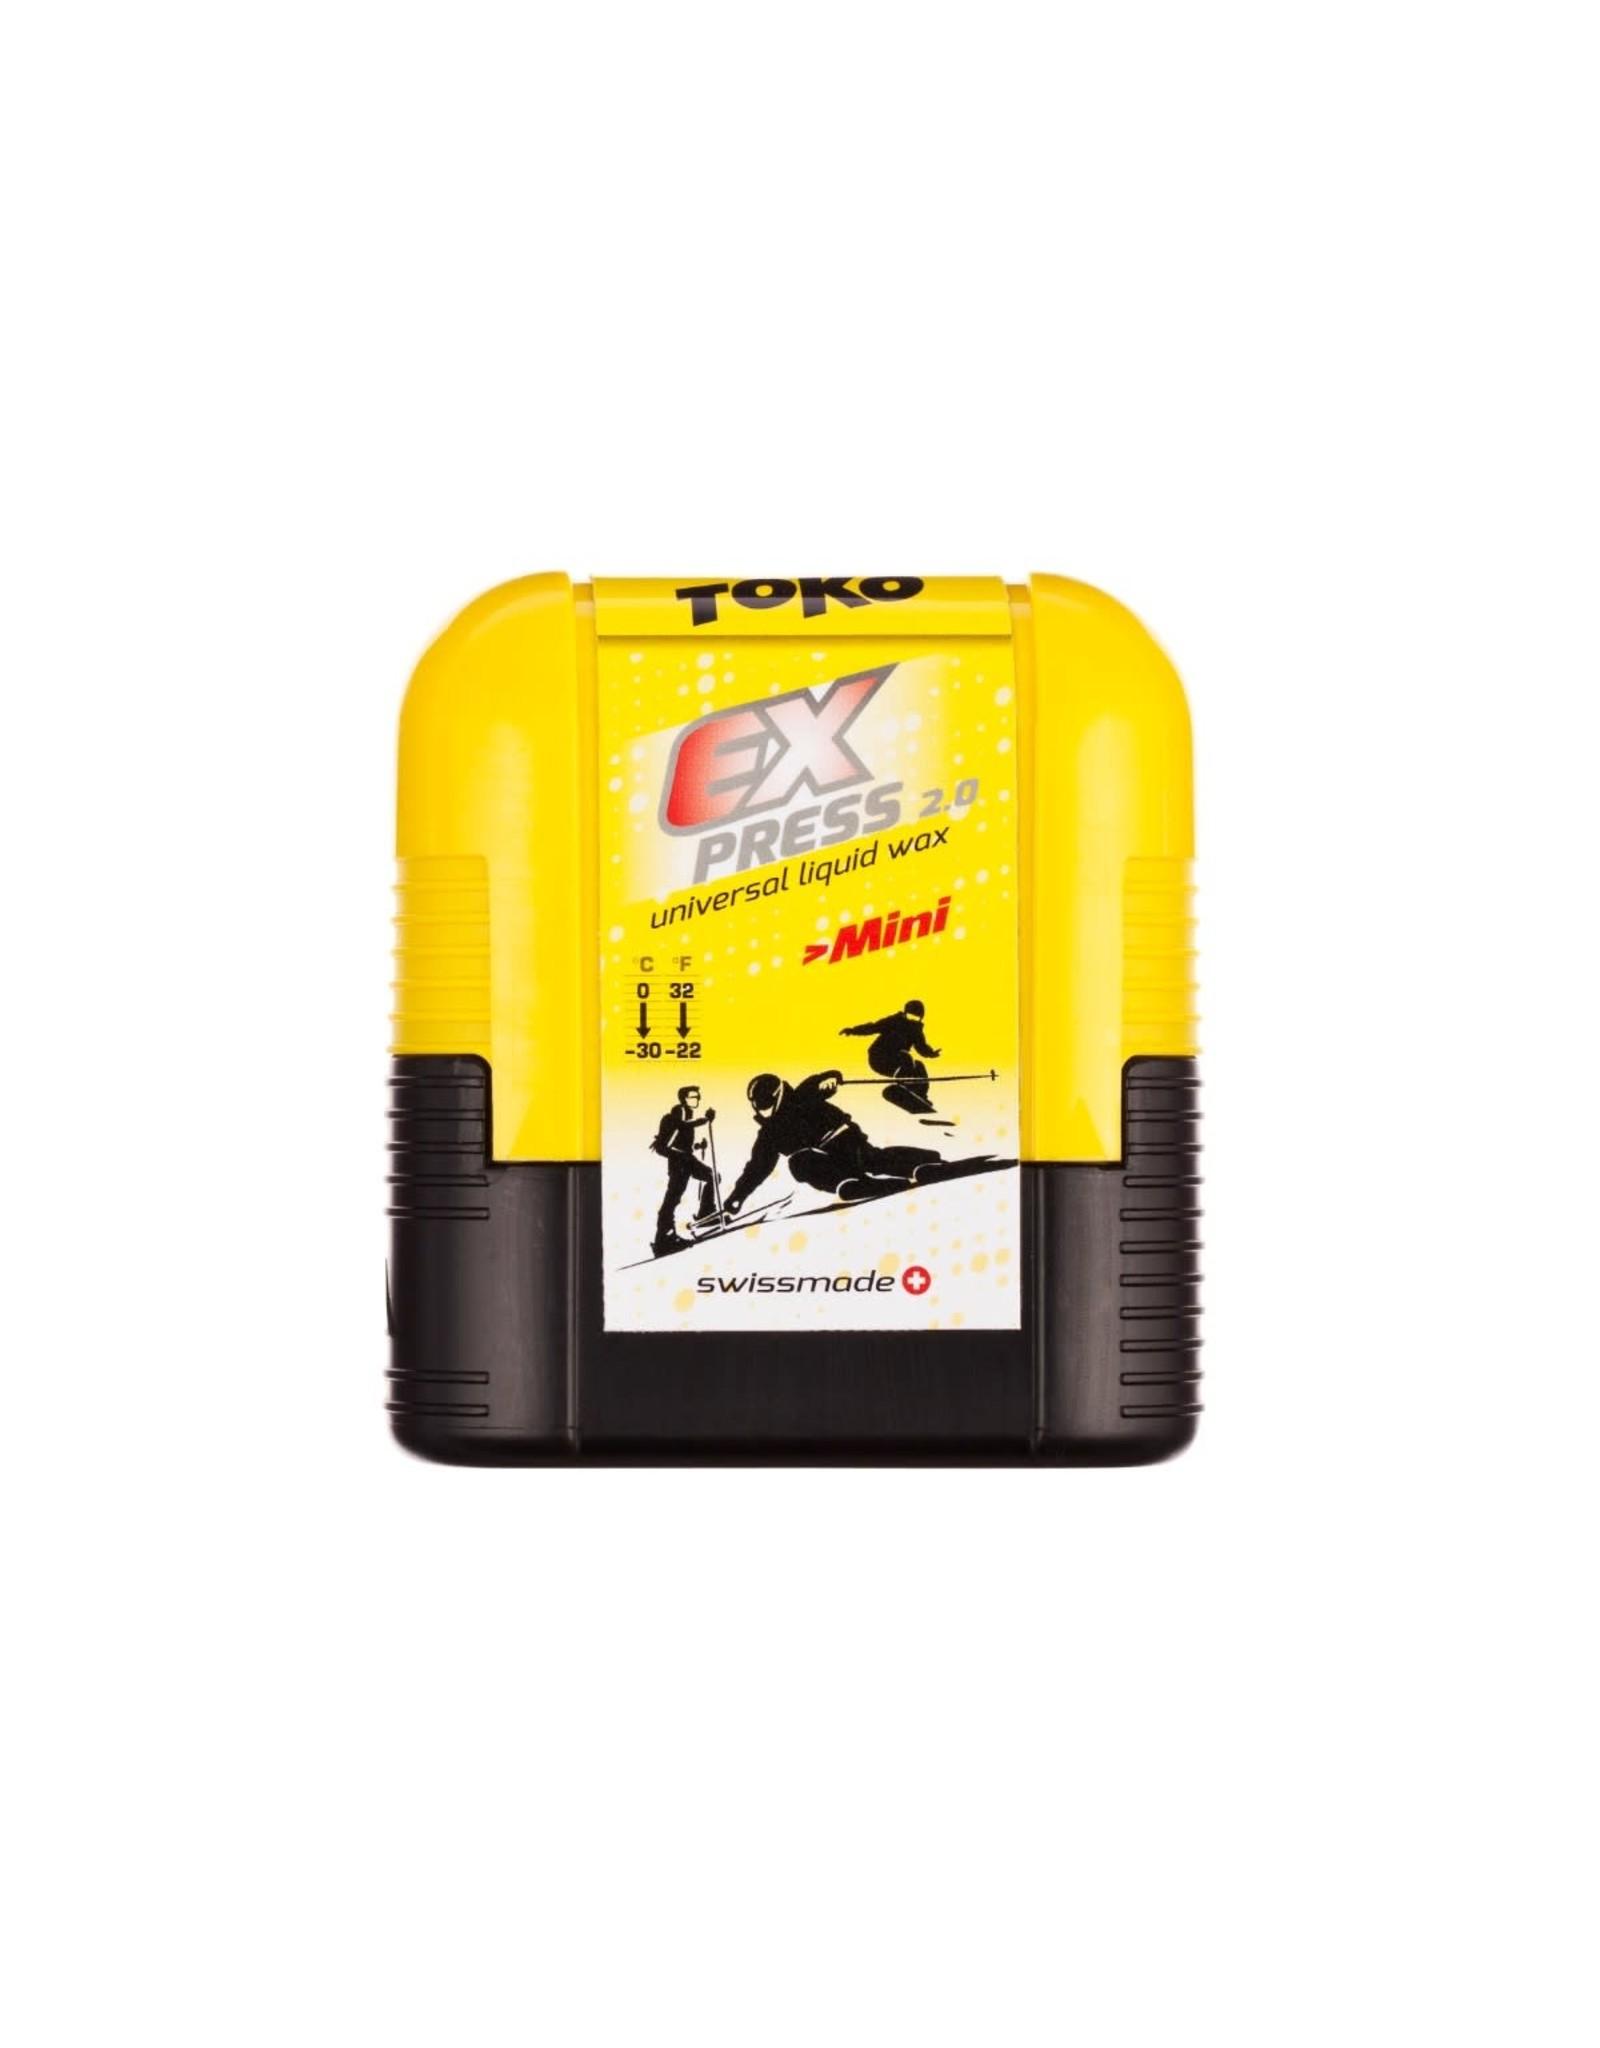 Toko Toko Express 2.0 Mini Liquid